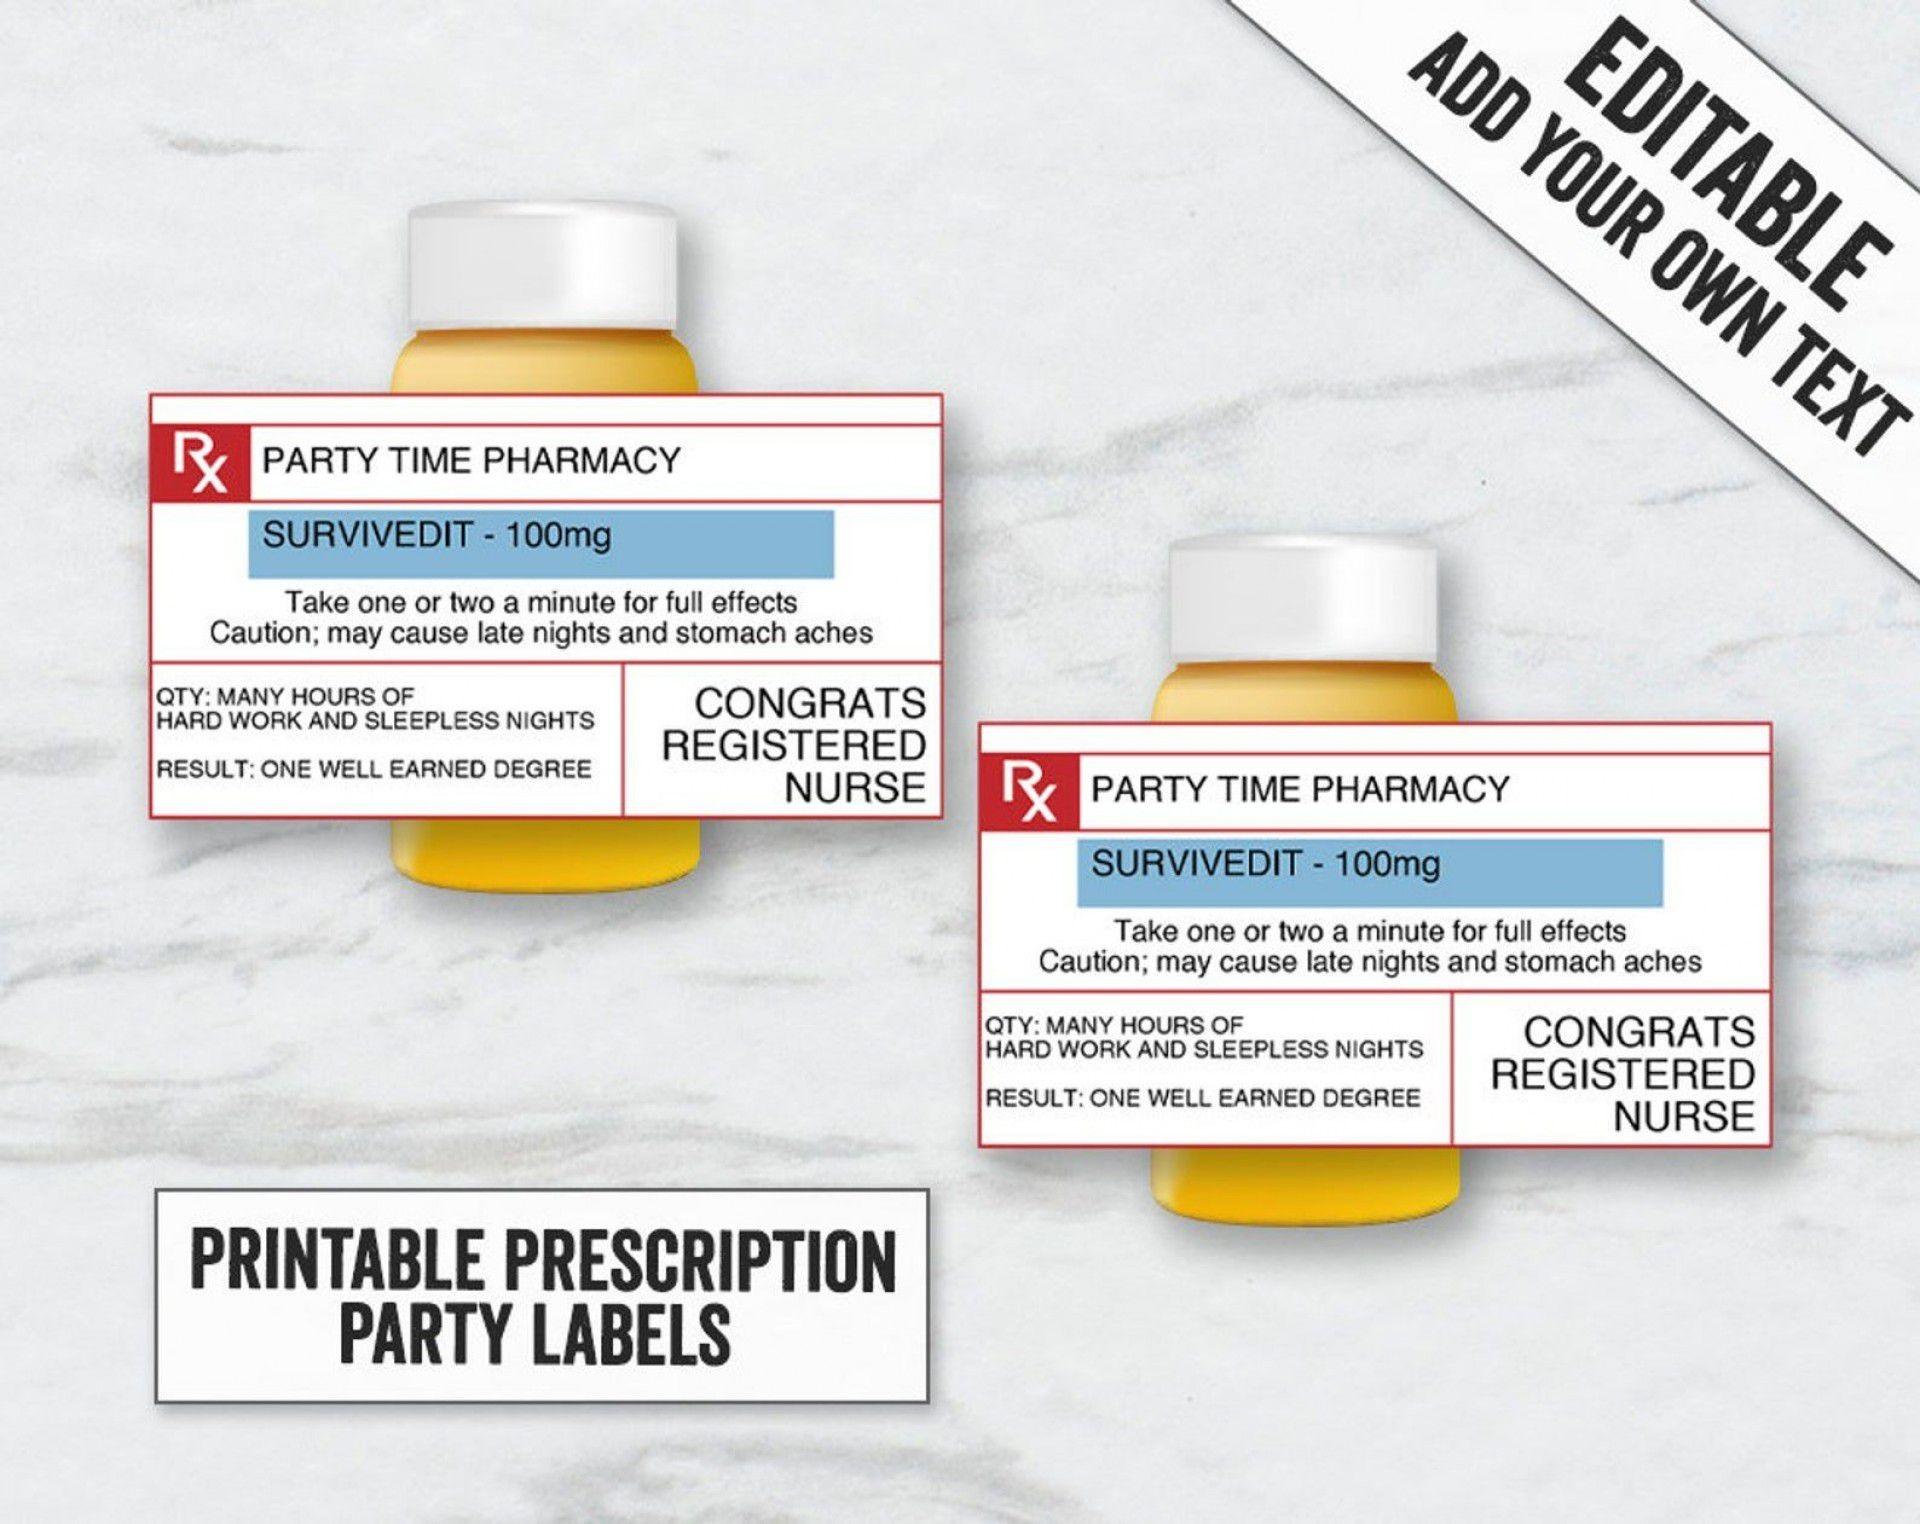 001 Shocking Fake Prescription Bottle Label Template Design 1920